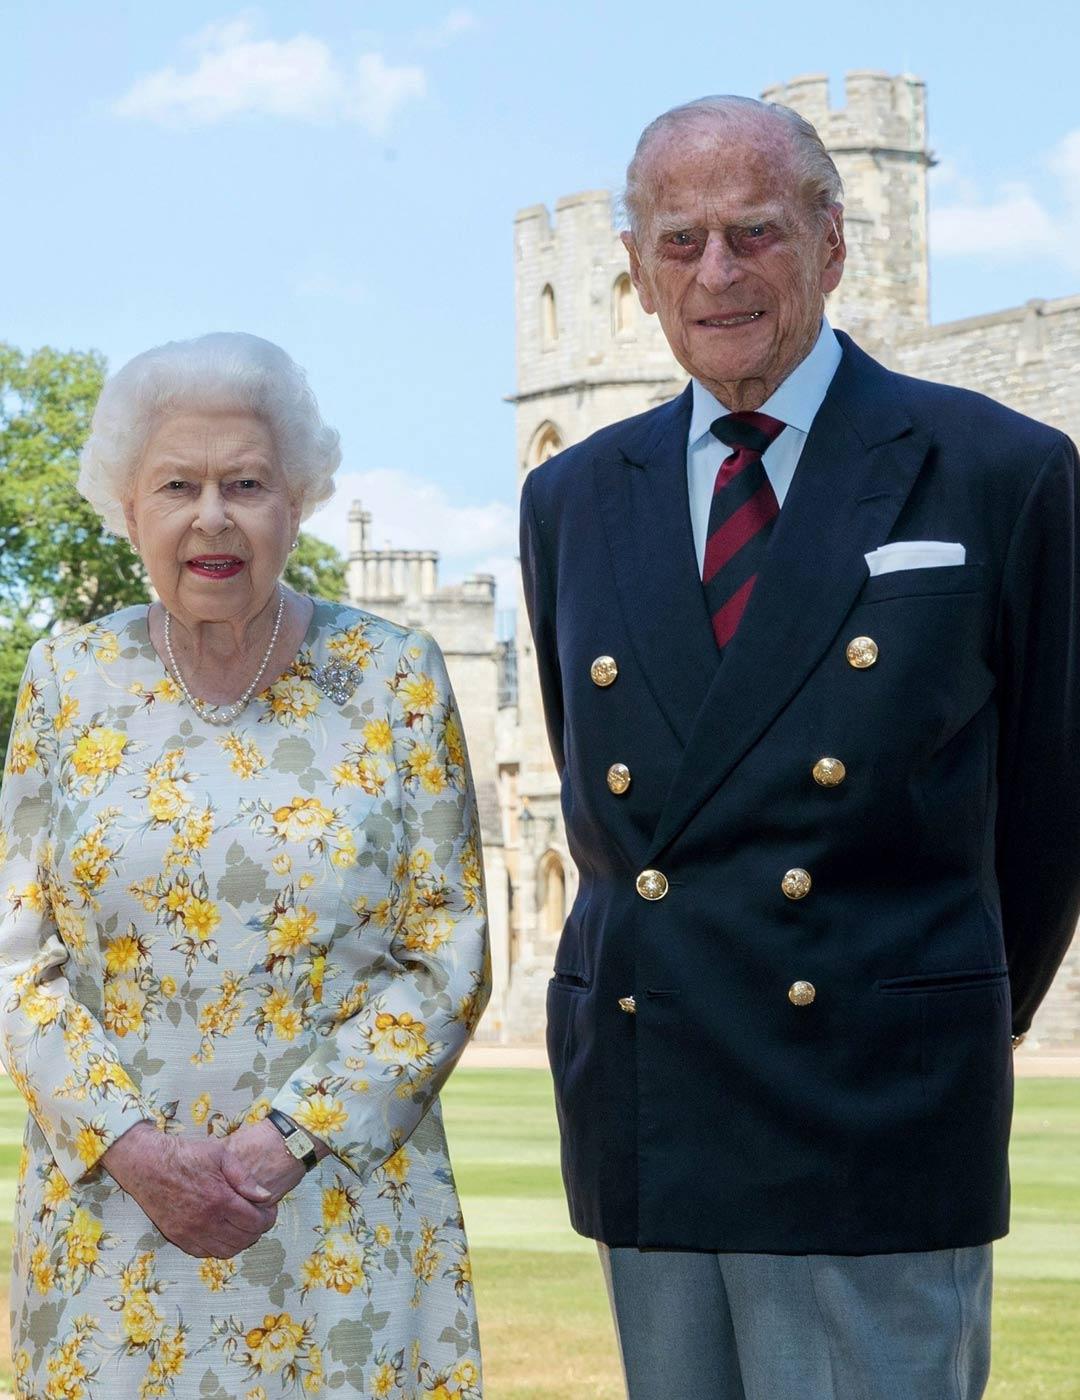 Kuningatar ja hänen prinssinsä poseerasivat viime kesäkuussa Philipin 99-vuotispäivien aattona Windsorin linnan sisäpihalla.